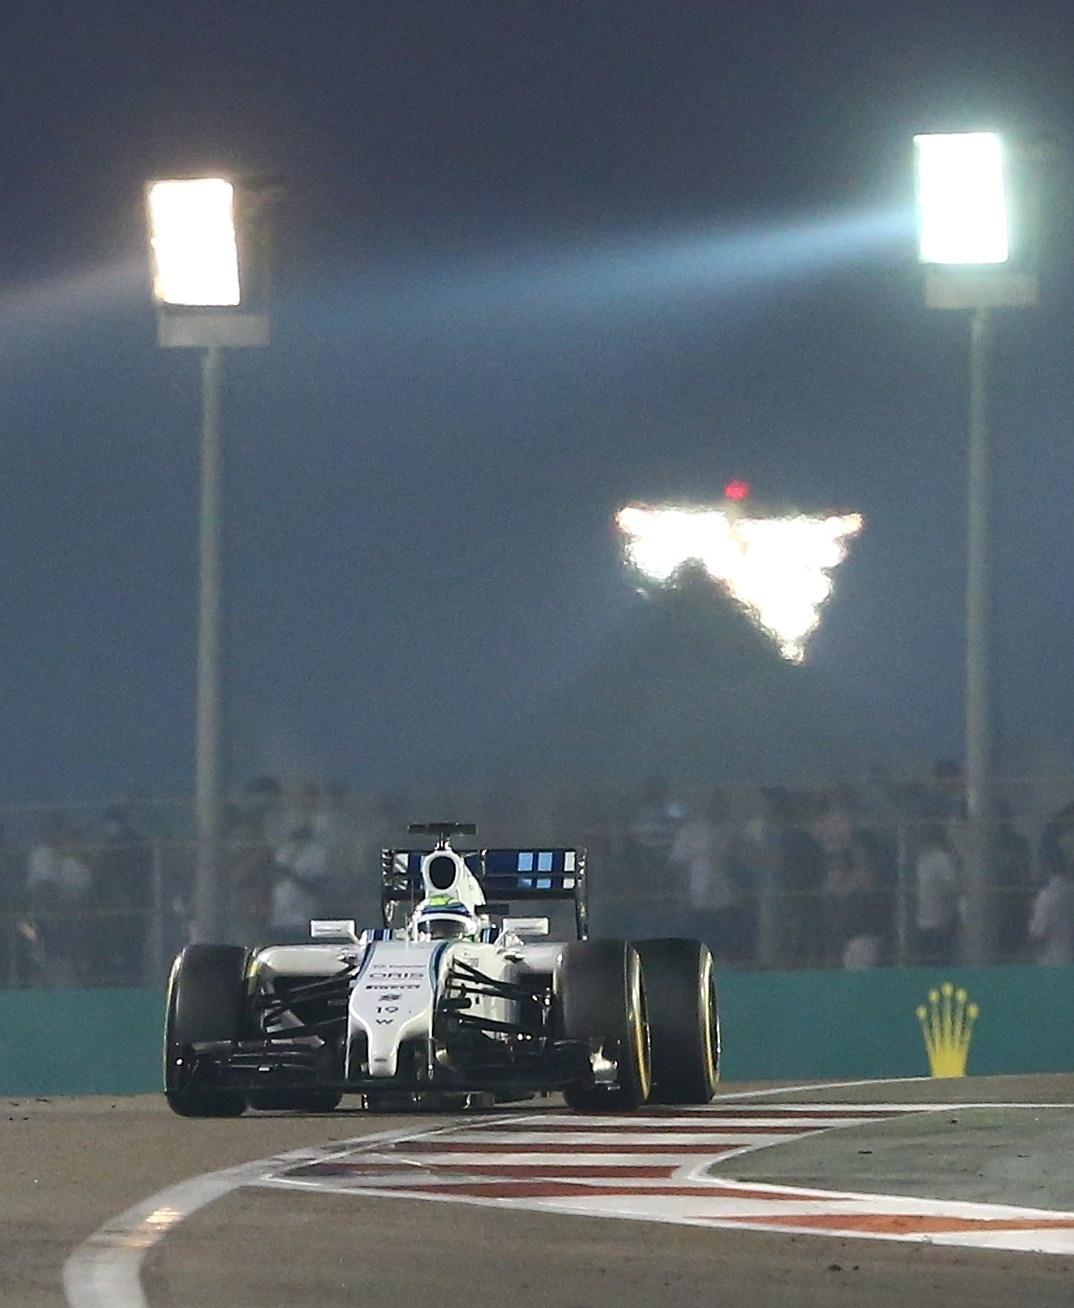 Felipe Massa passou Bottas na largada e se manteve próximo das Mercedes, em terceiro lugar. A equipe rival teve problemas, e ele chegou a liderar, mas precisou fazer uma parada. No fim, foi segundo colocado, apertando Hamilton, o campeão mundial de 2014